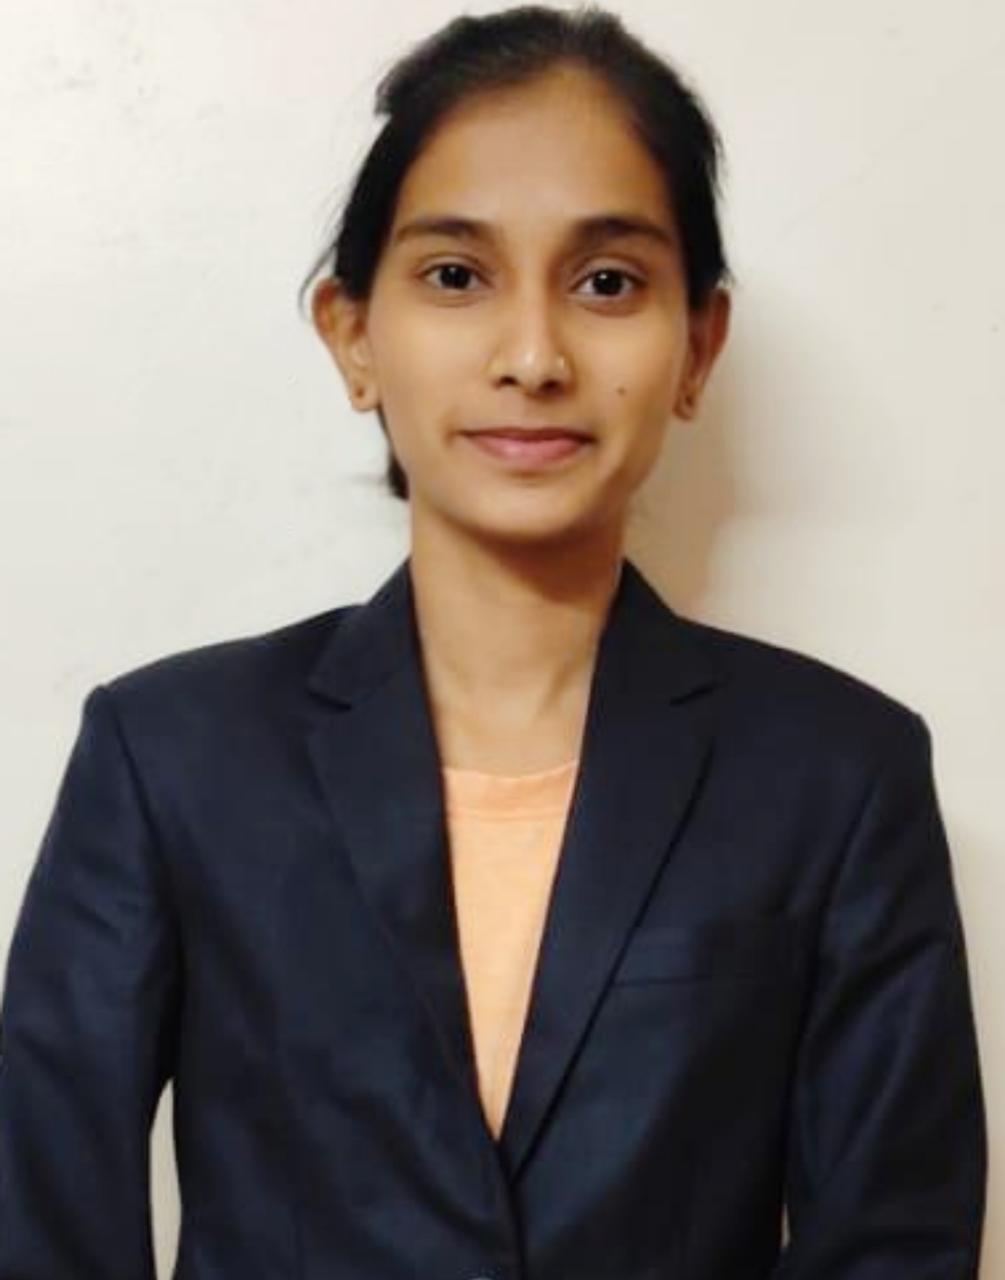 Komal Laxman jadhav